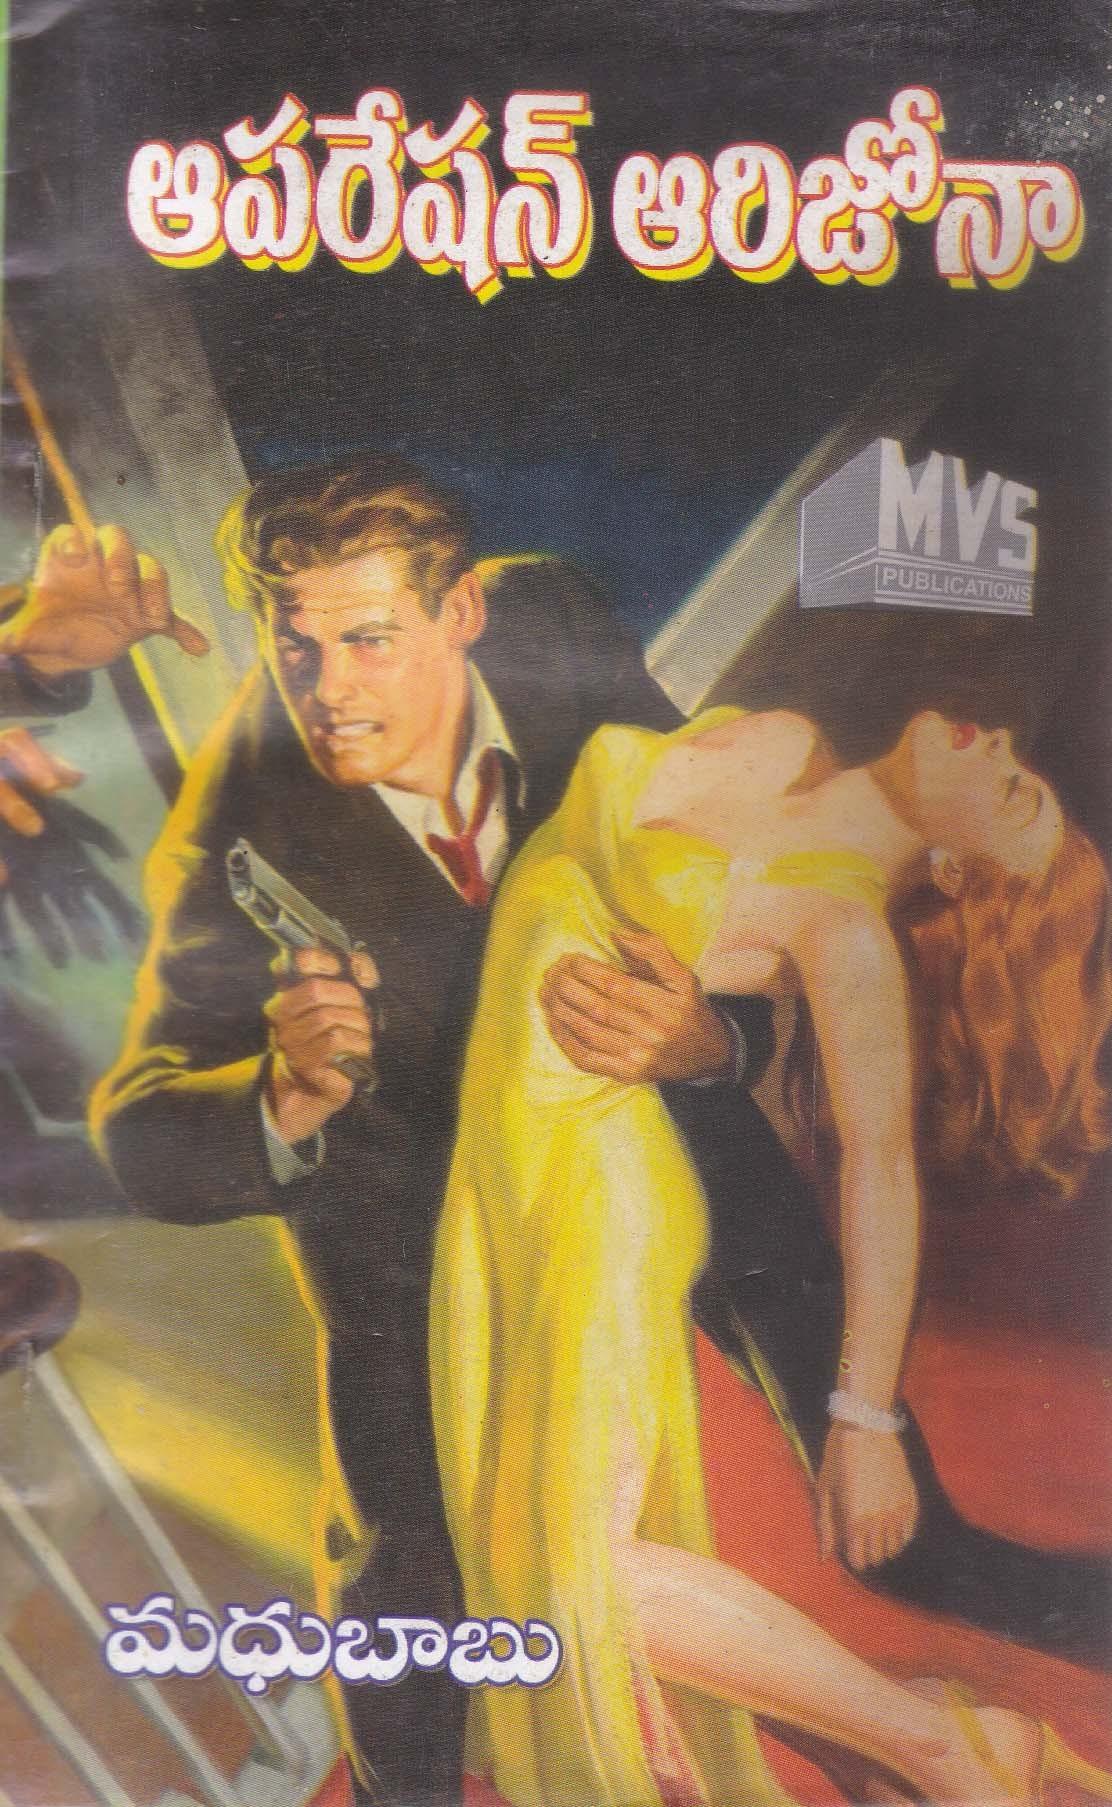 operation-arizonatelugu-novel-by-madhu-babu-novels-of-madhubabu-shadow-detectives-past-life-series-adventures